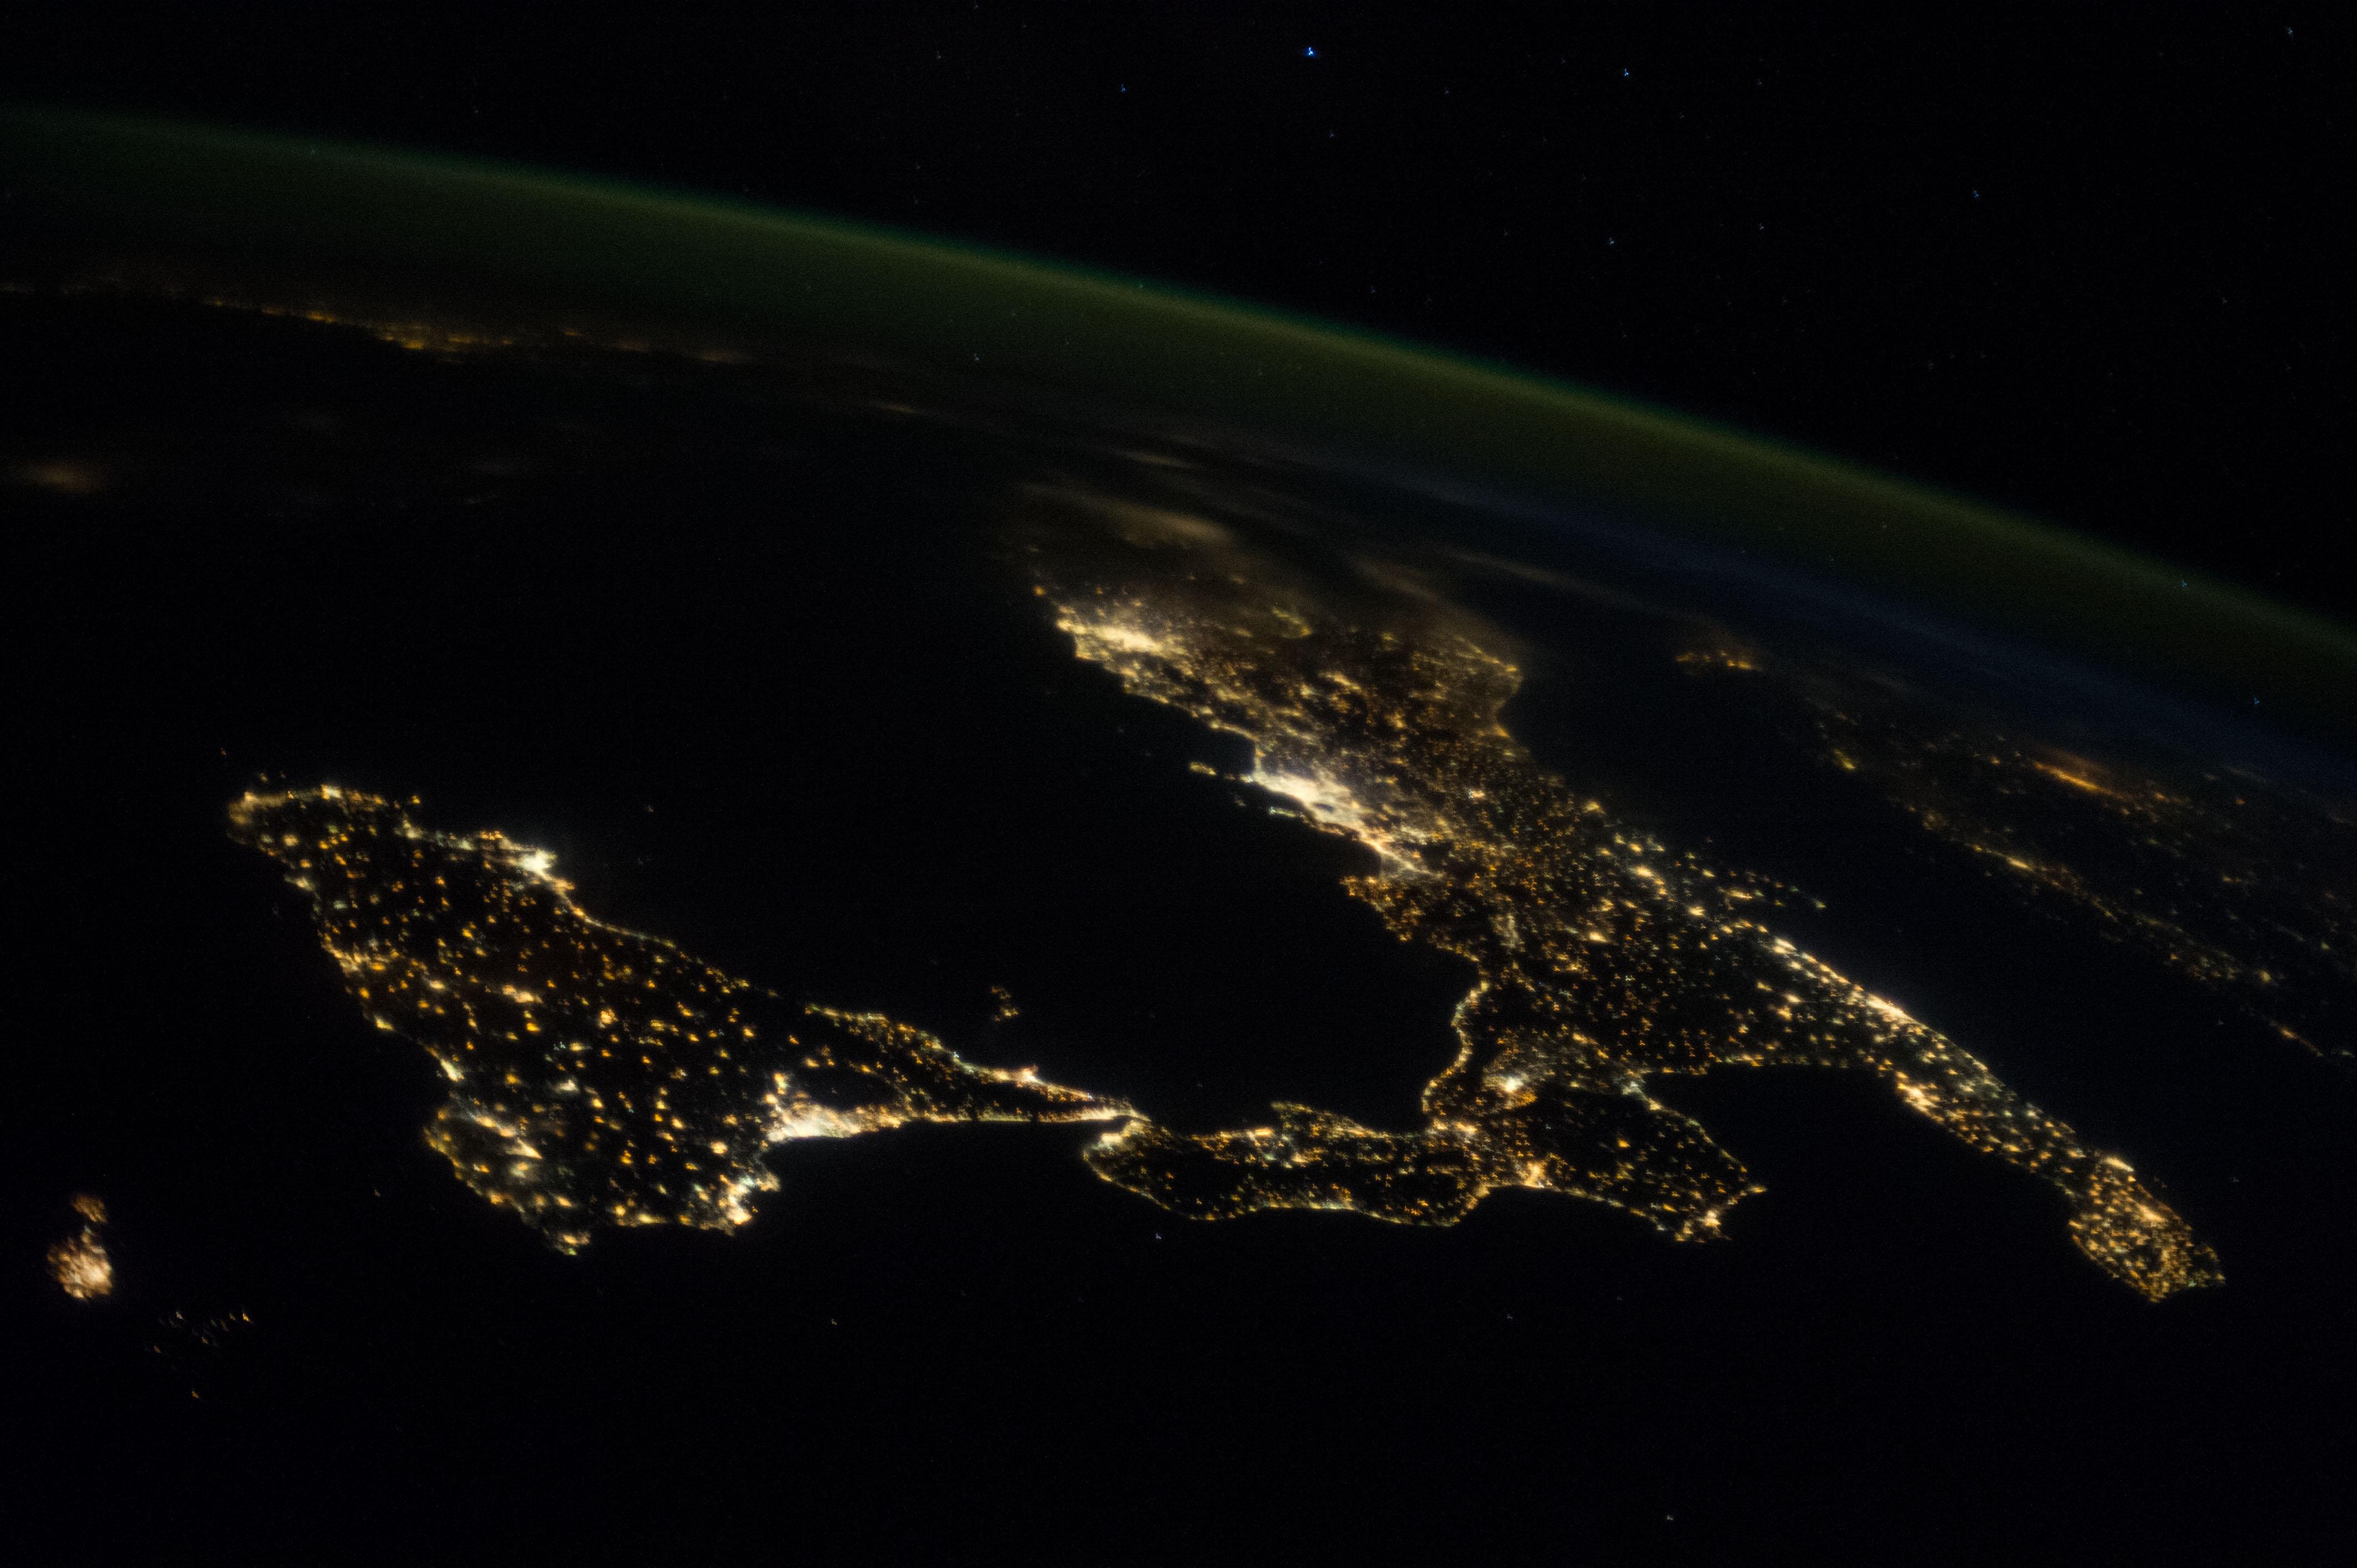 Iss Hd Wallpaper Sicily And Italy At Night Nasa